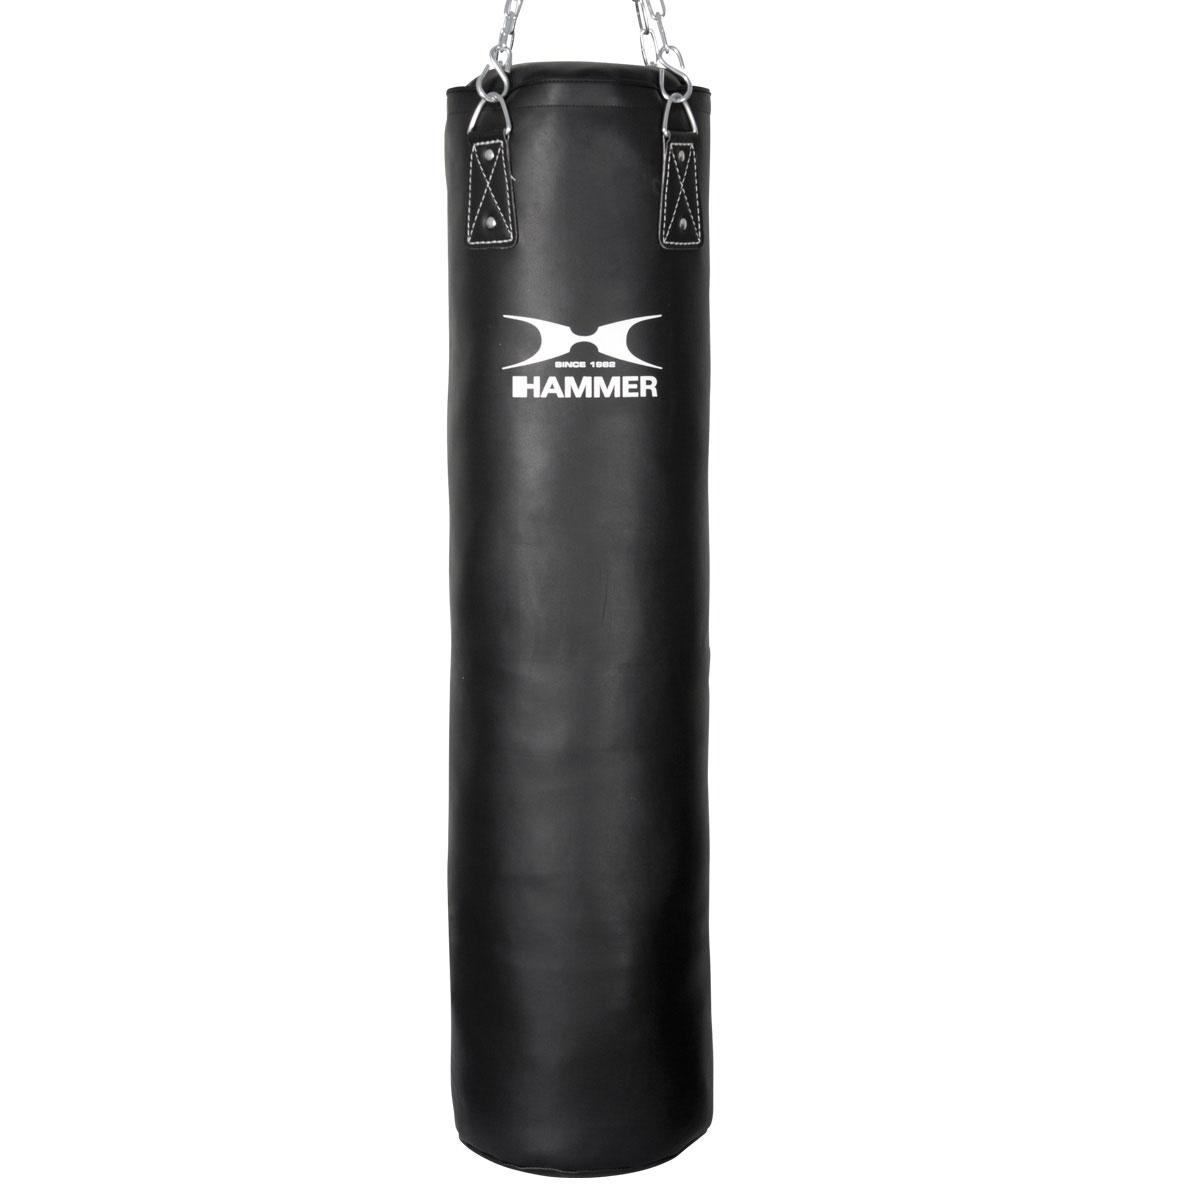 Billede af Hammer Premium Black kick Sandsække (100x35cm - 31kg)